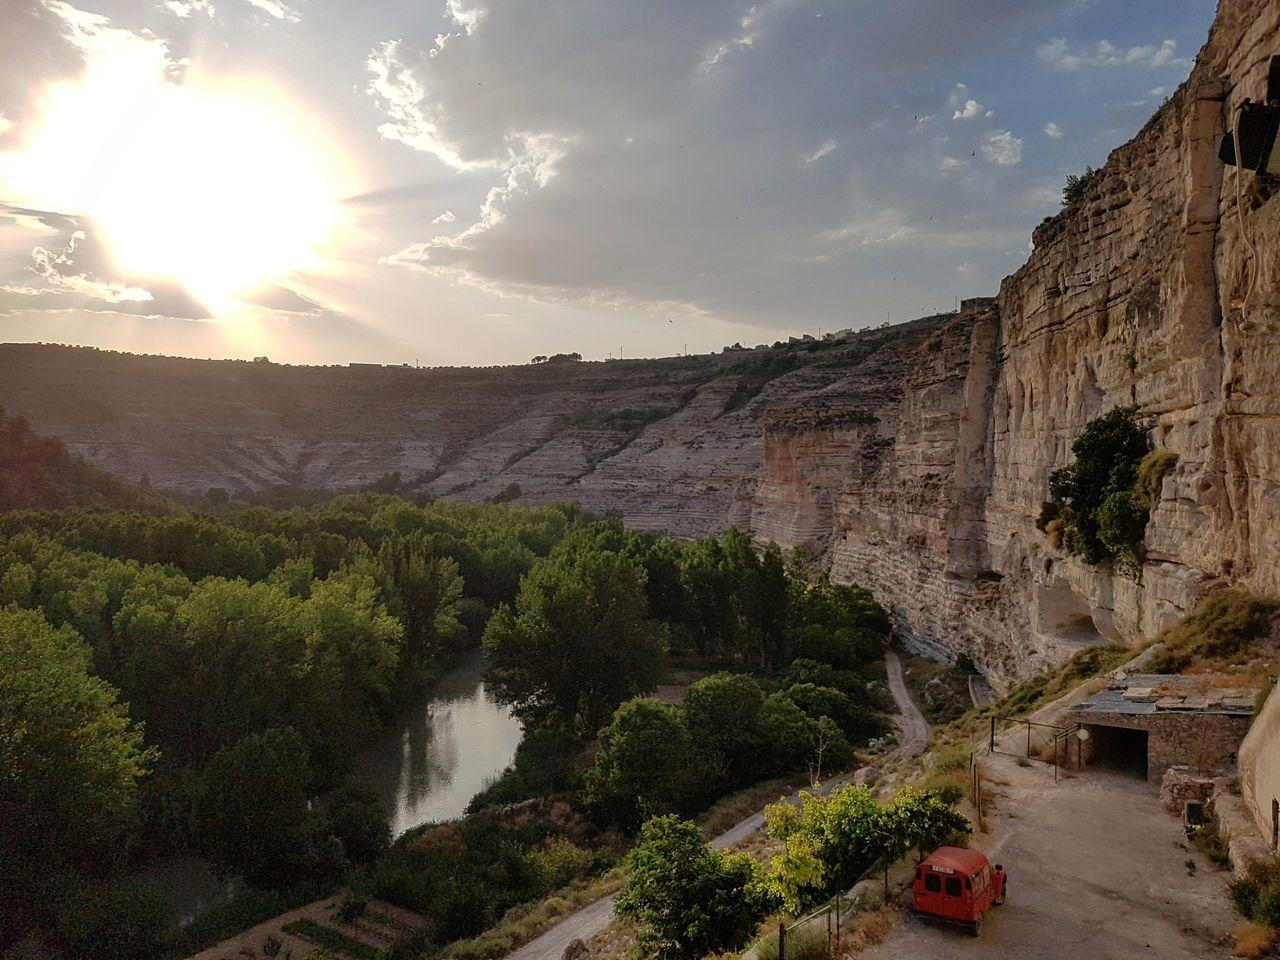 Cuevadeldiablo Cueva Mancha Albacete Mirador Del Río Sobrecogedor River Mirador Alcalá Del Jucar